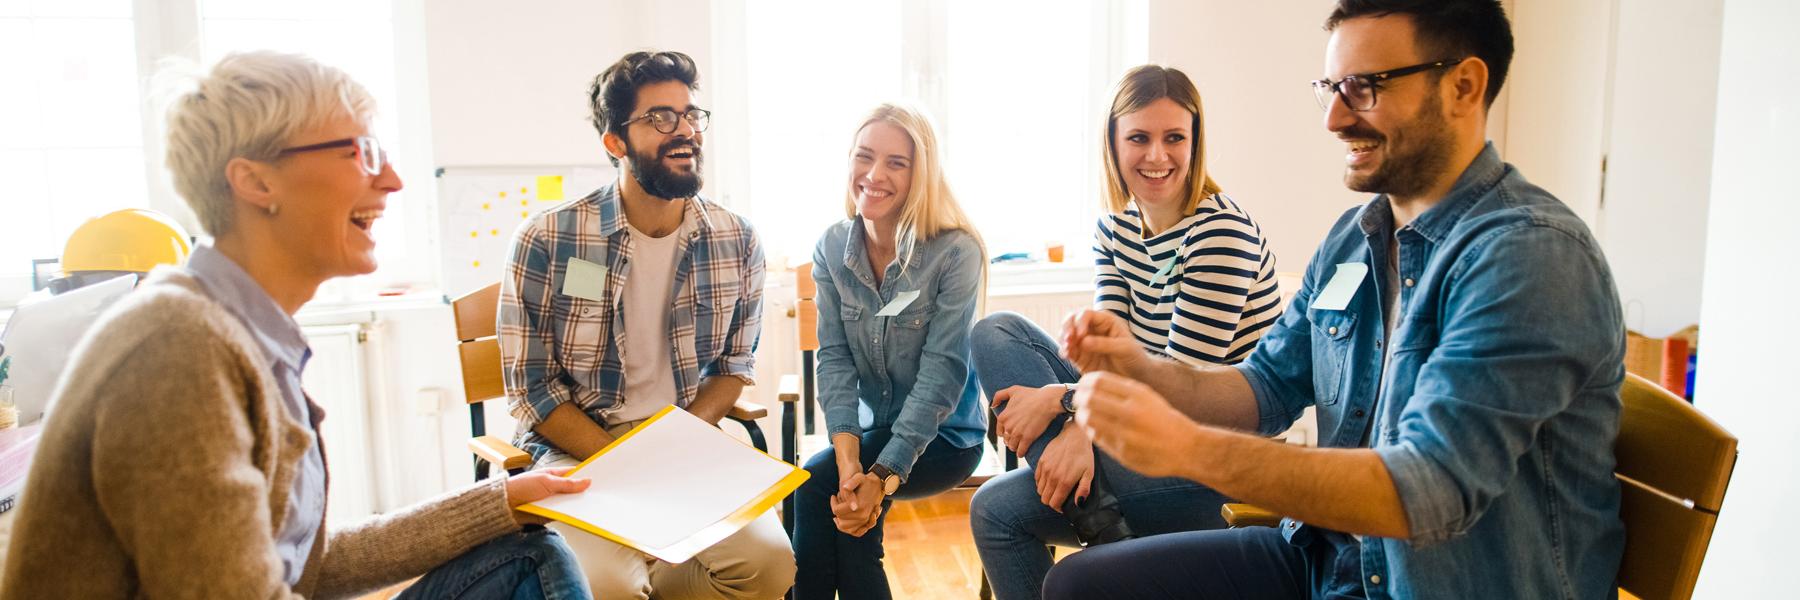 Das Bild zeigt fünf Menschen in Workshop-Atmosphäre. Sie sitzen lachend im Kreis.